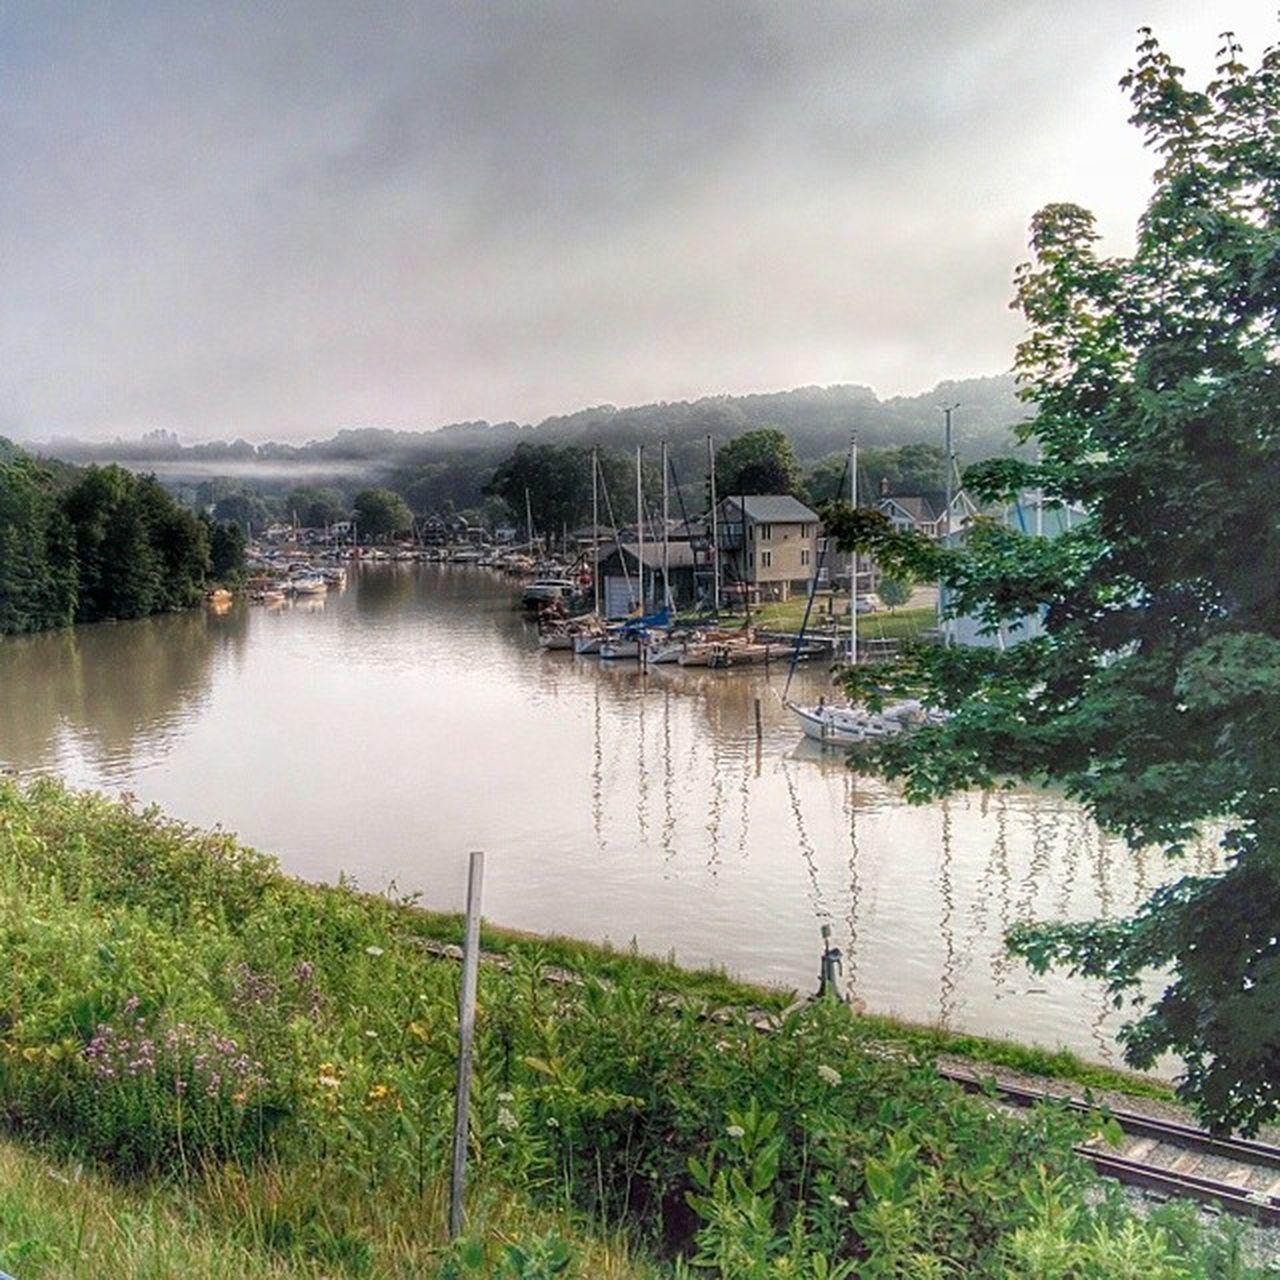 Kettle Creek, near Port Stanley. Kettle Creek Port Stanley Ontario Canada